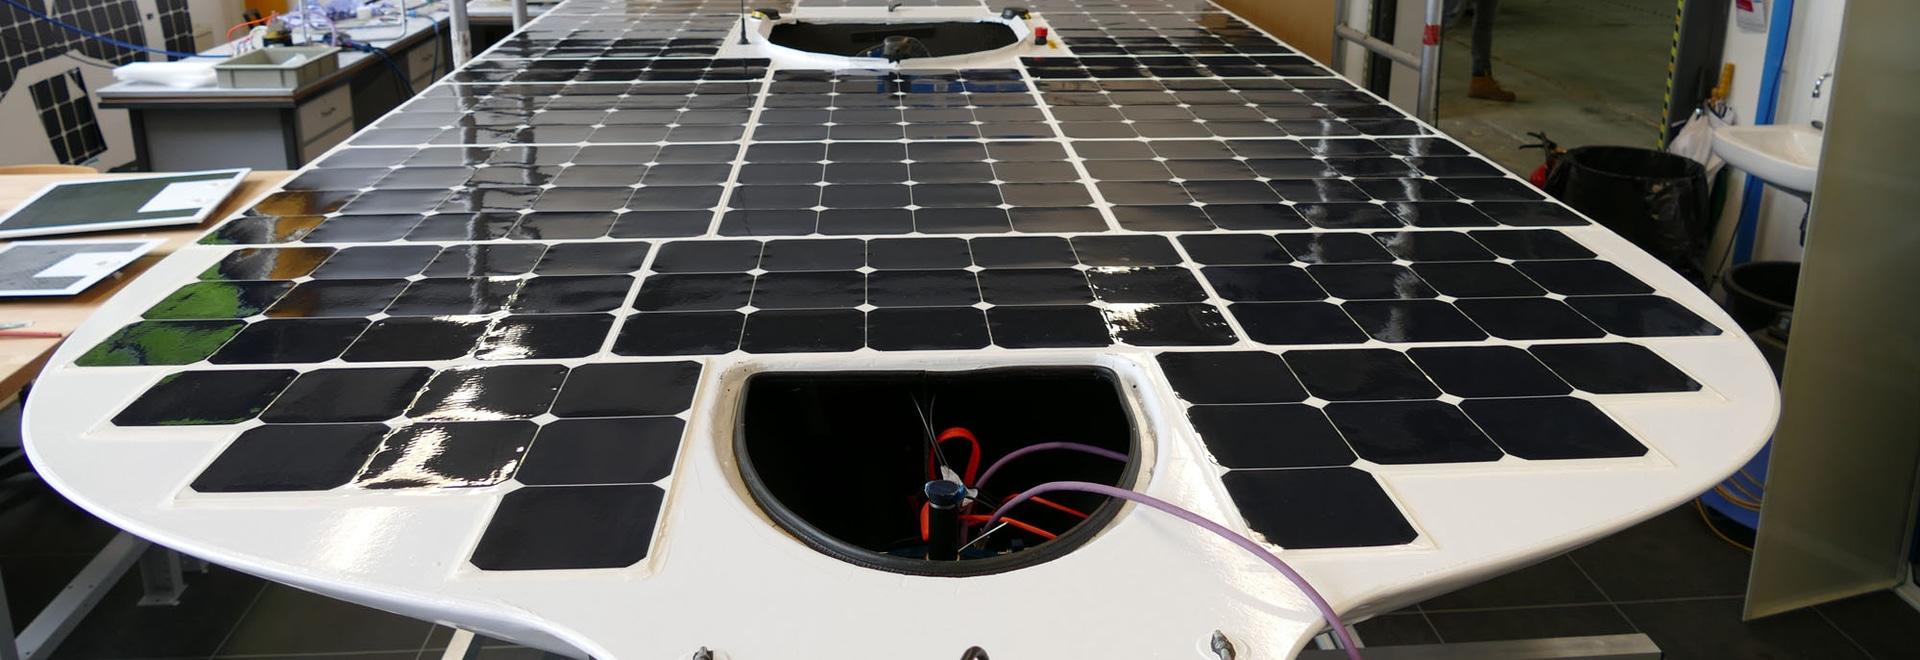 The TU Delft Solar Boat.